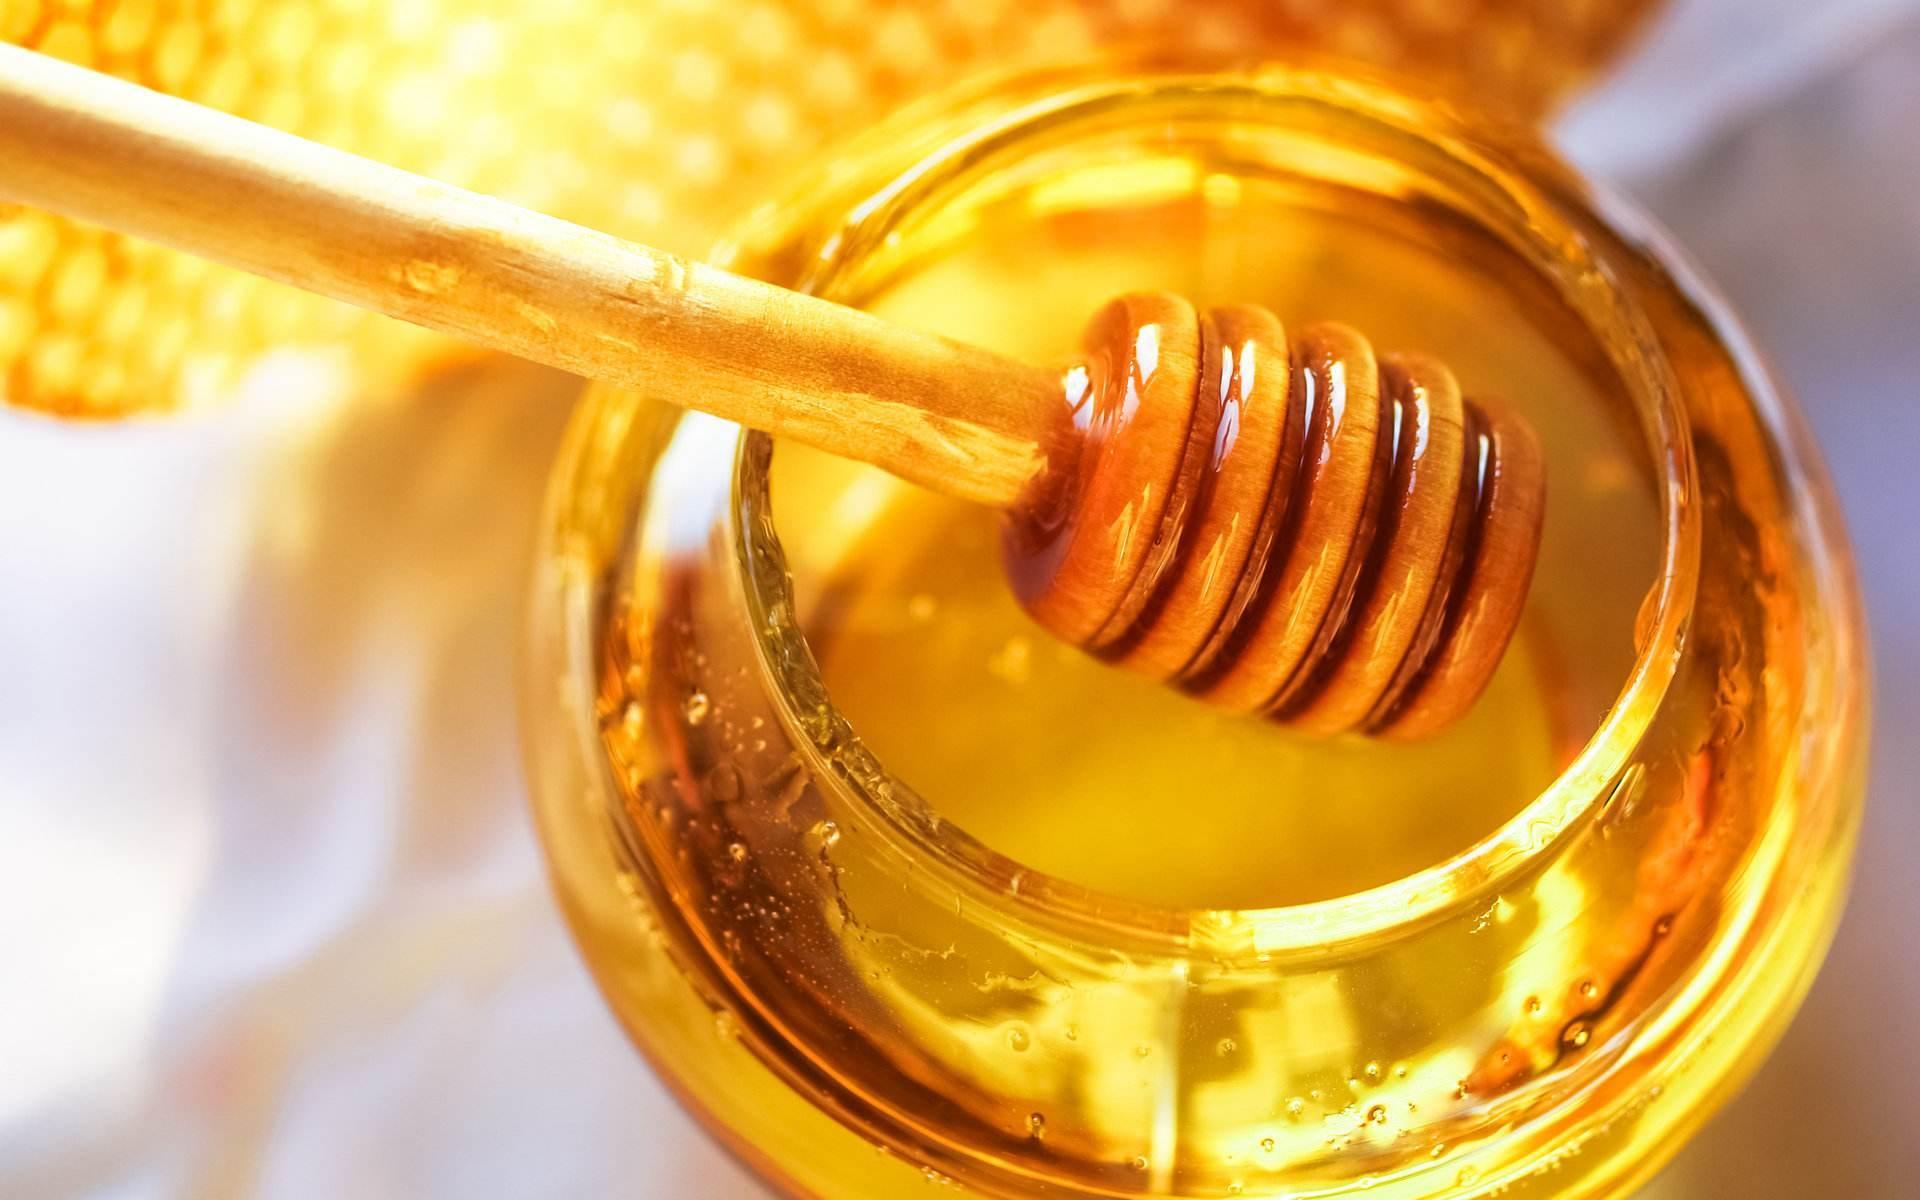 蜂蜜作用被夸大化?这些益处很实在